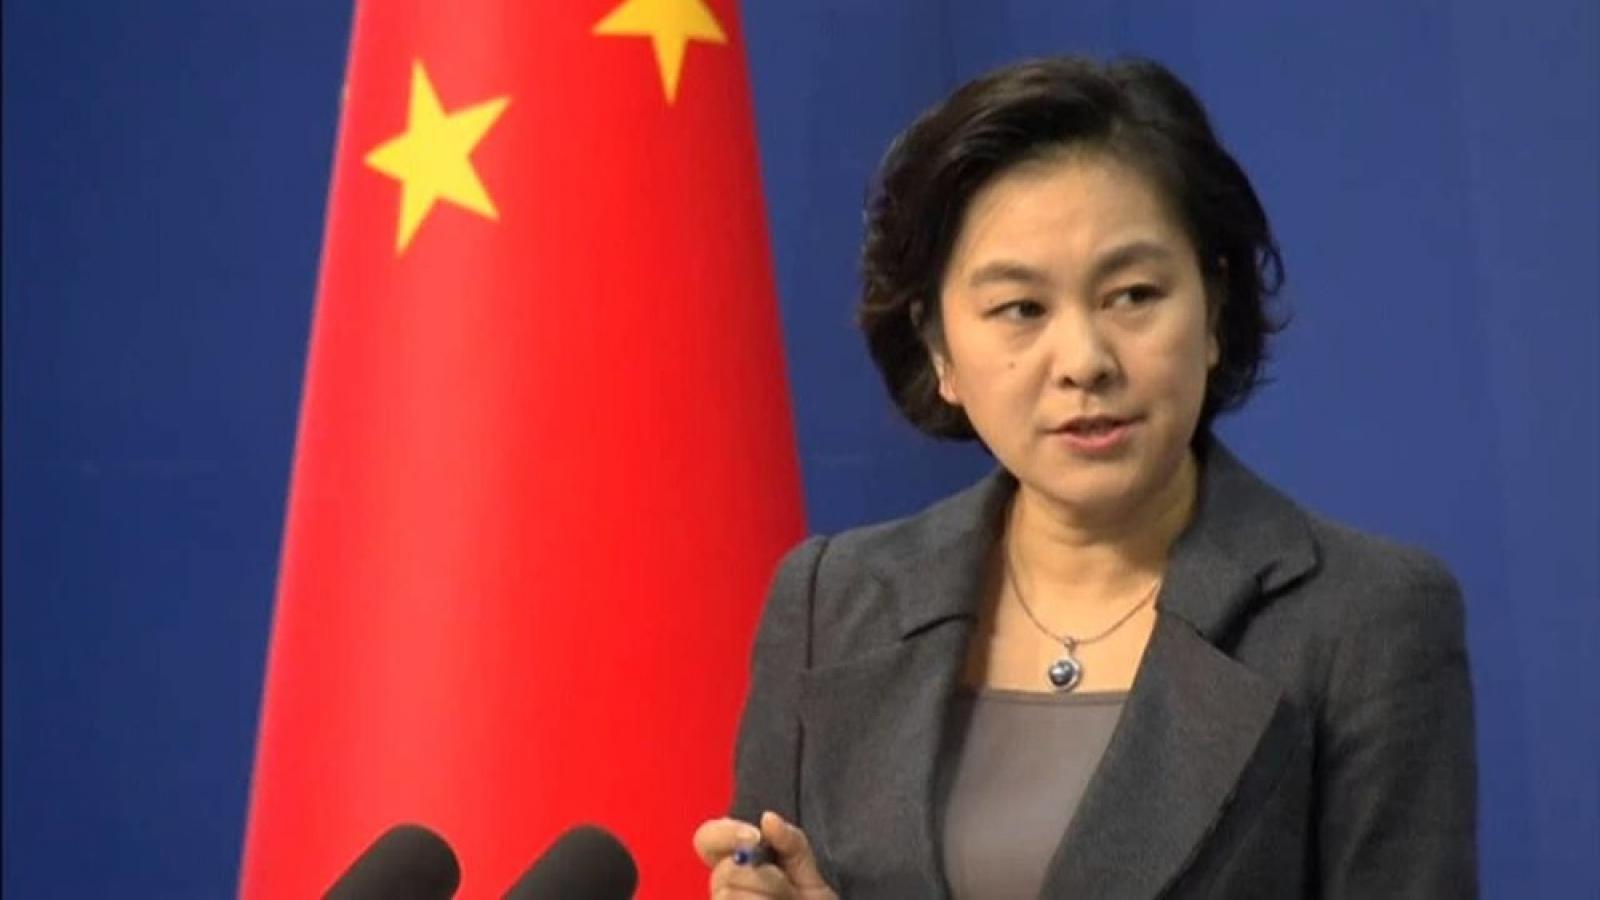 Quan hệ Trung Quốc-Canada căng thẳng trở lại sau vụ xét xử 2 công dân Canada